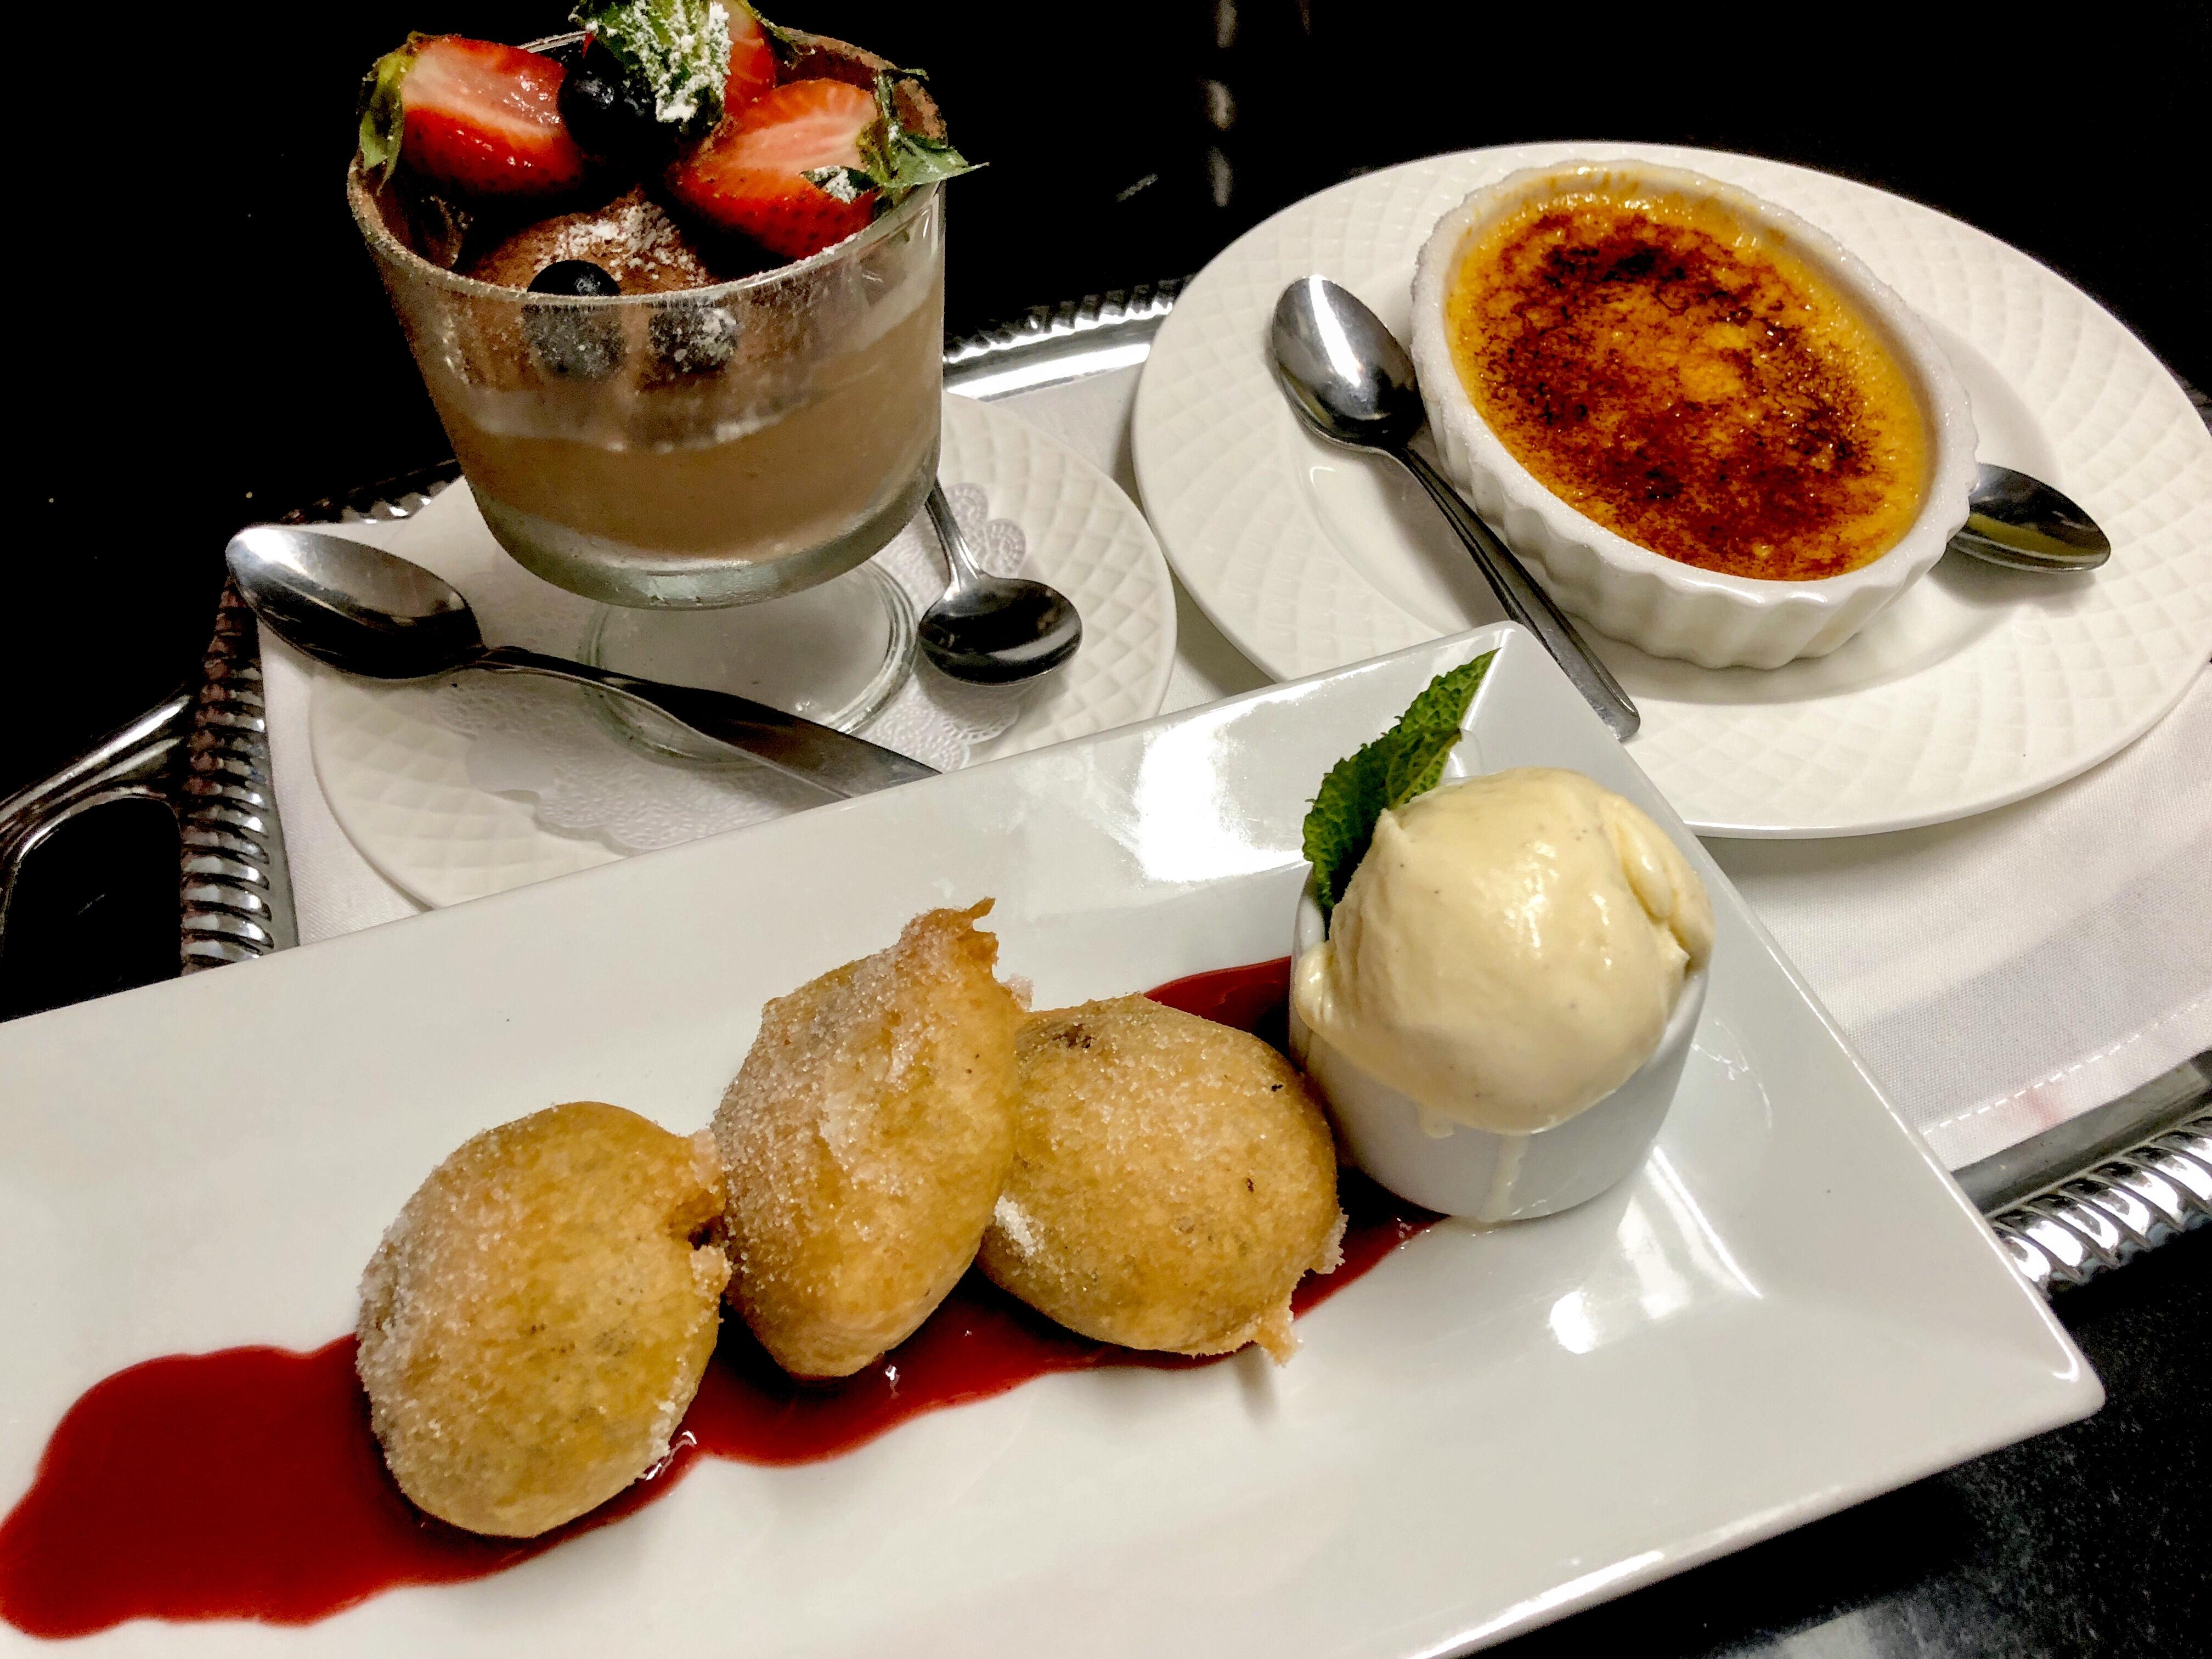 Le Bistro Desserts